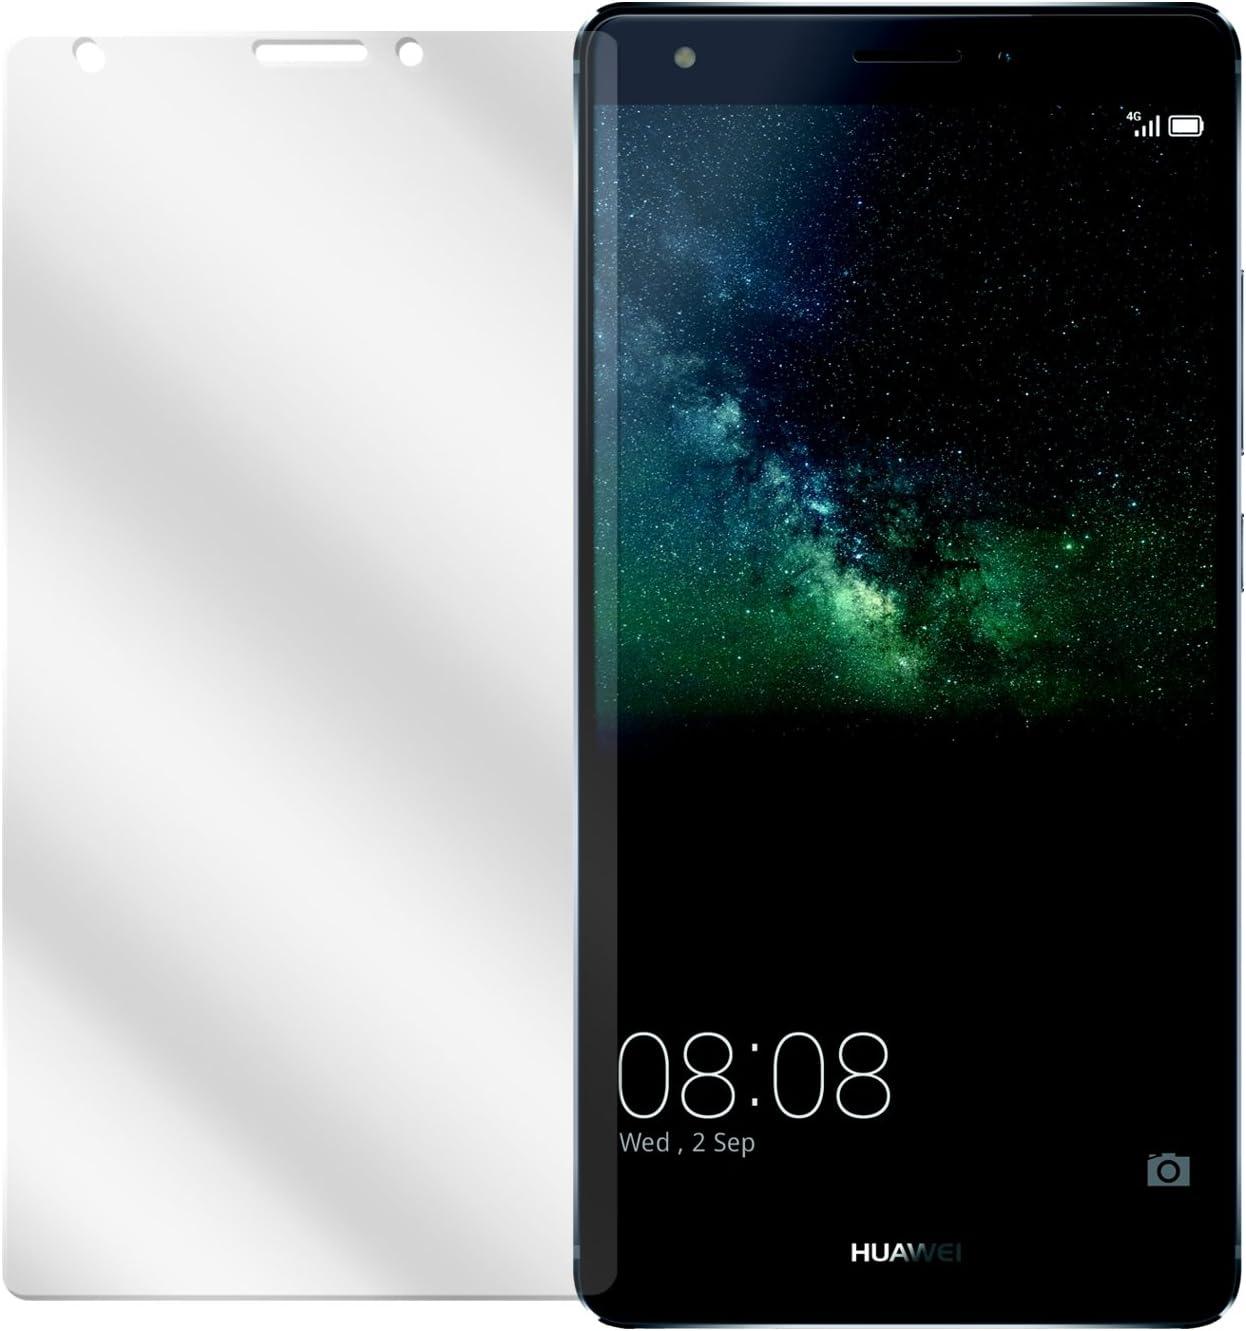 dipos I 2X Protector de Pantalla Compatible con Huawei Mate S pelicula Protectora Claro